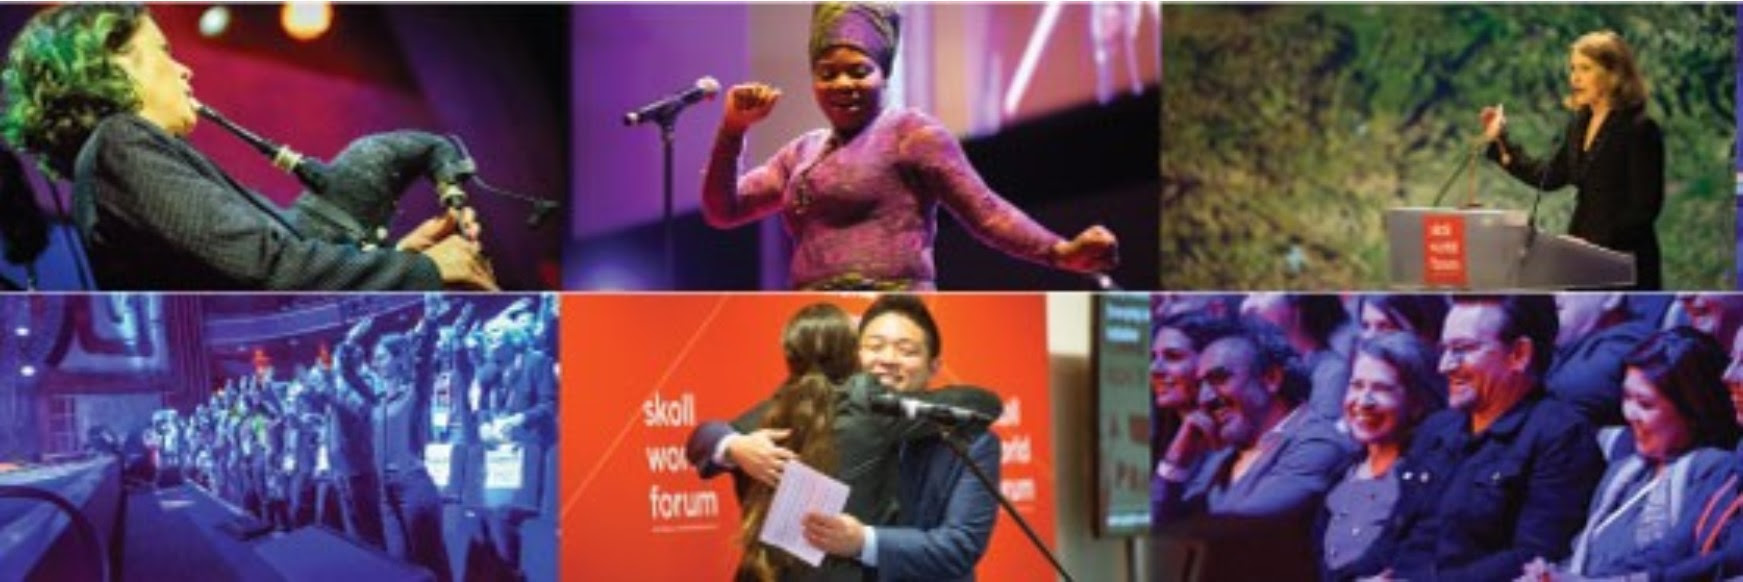 Photo Collage: Skoll World Forum